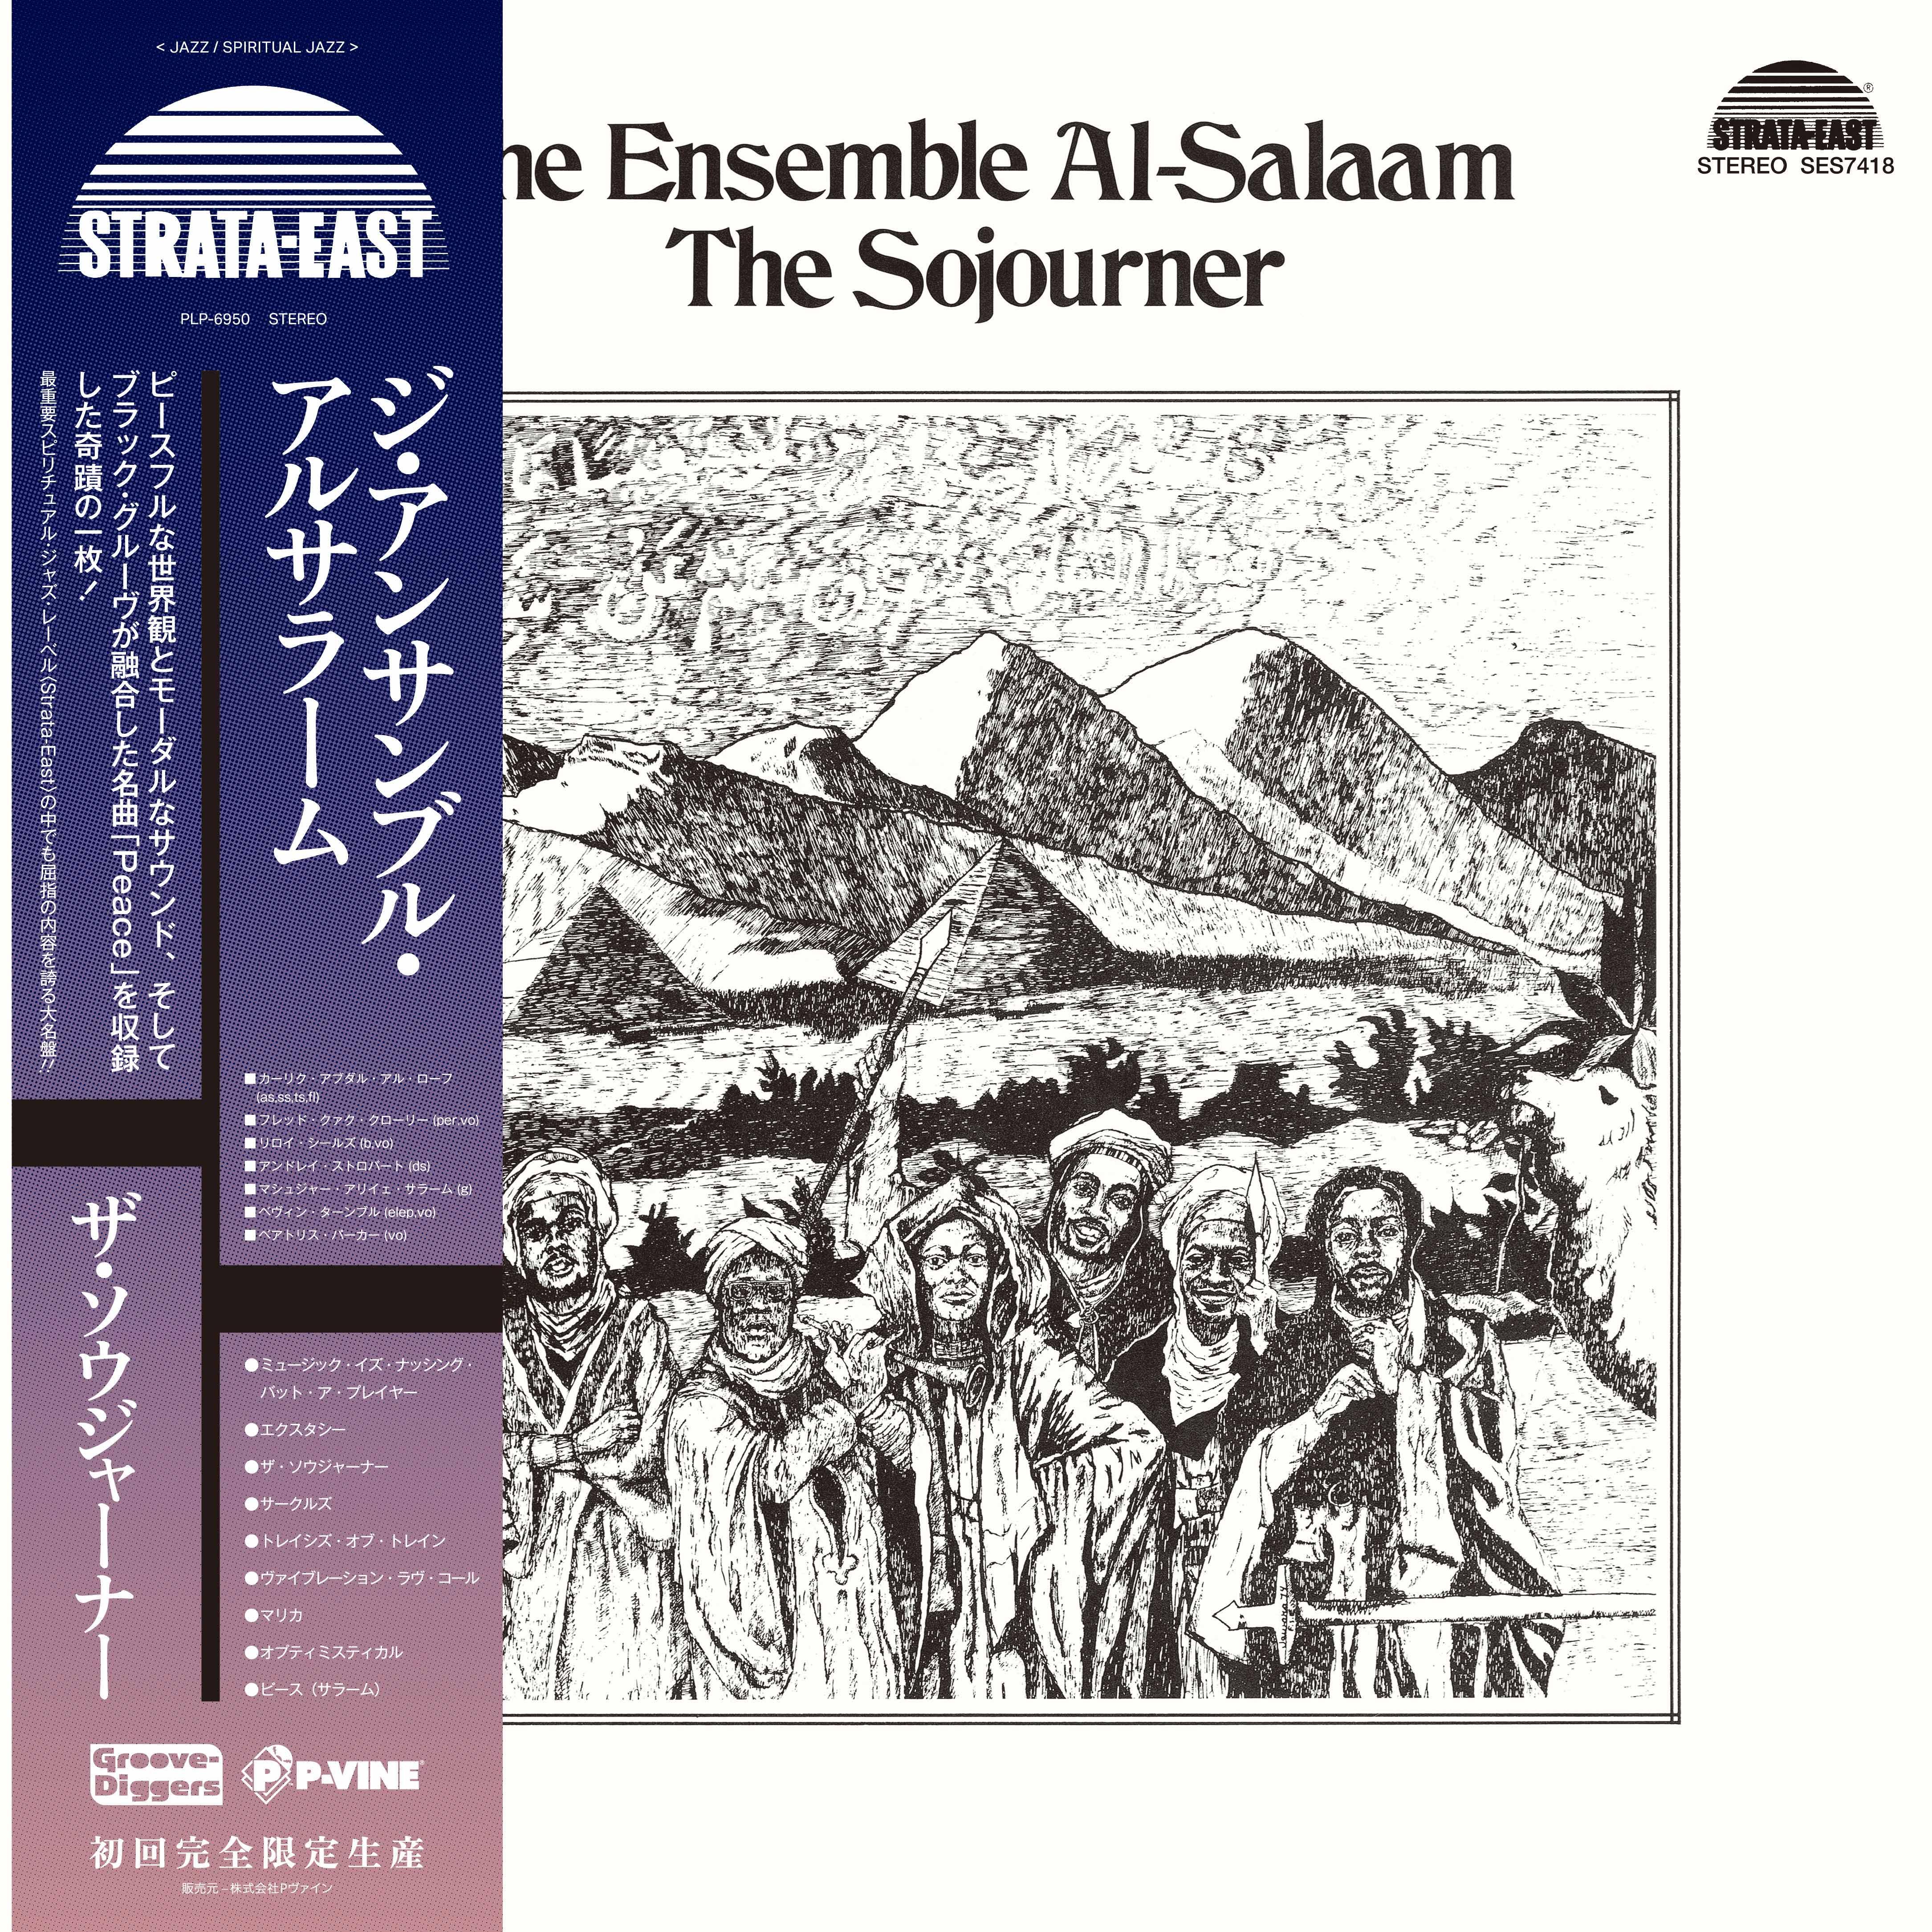 THE ENSEMBLE AL-SALAAM